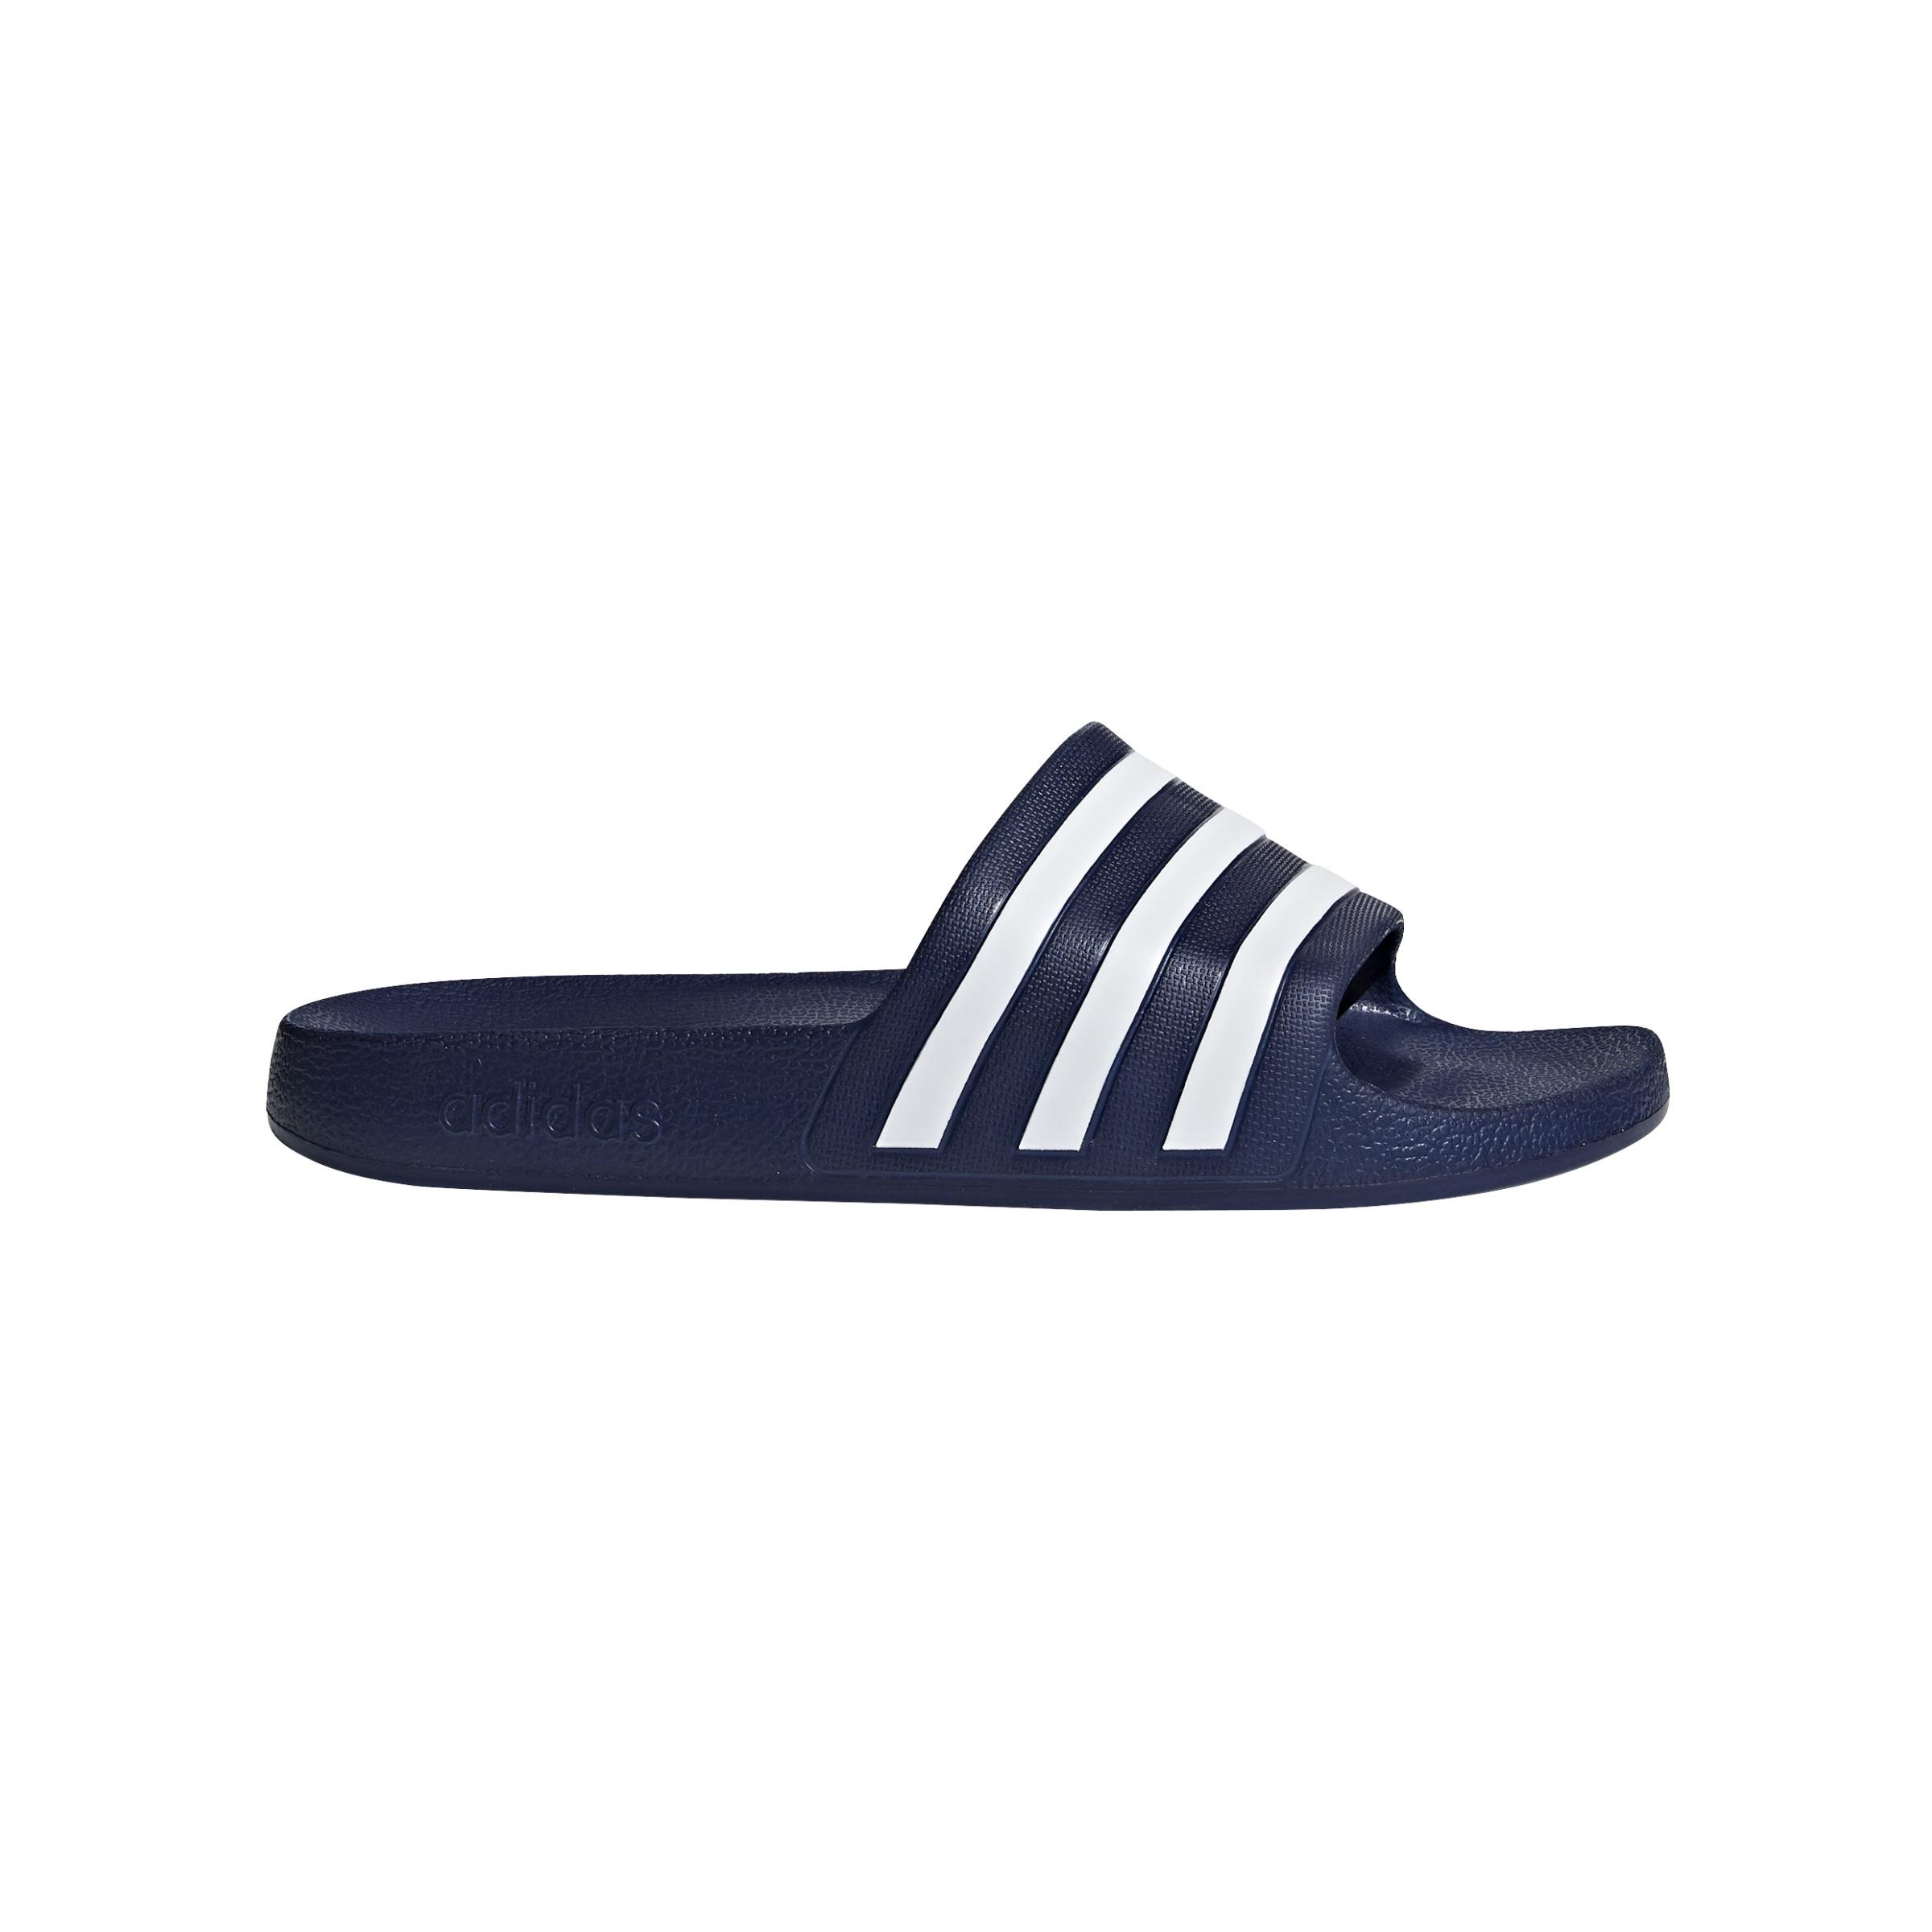 Adidas Adilette Aqua Badelatsche Bleu